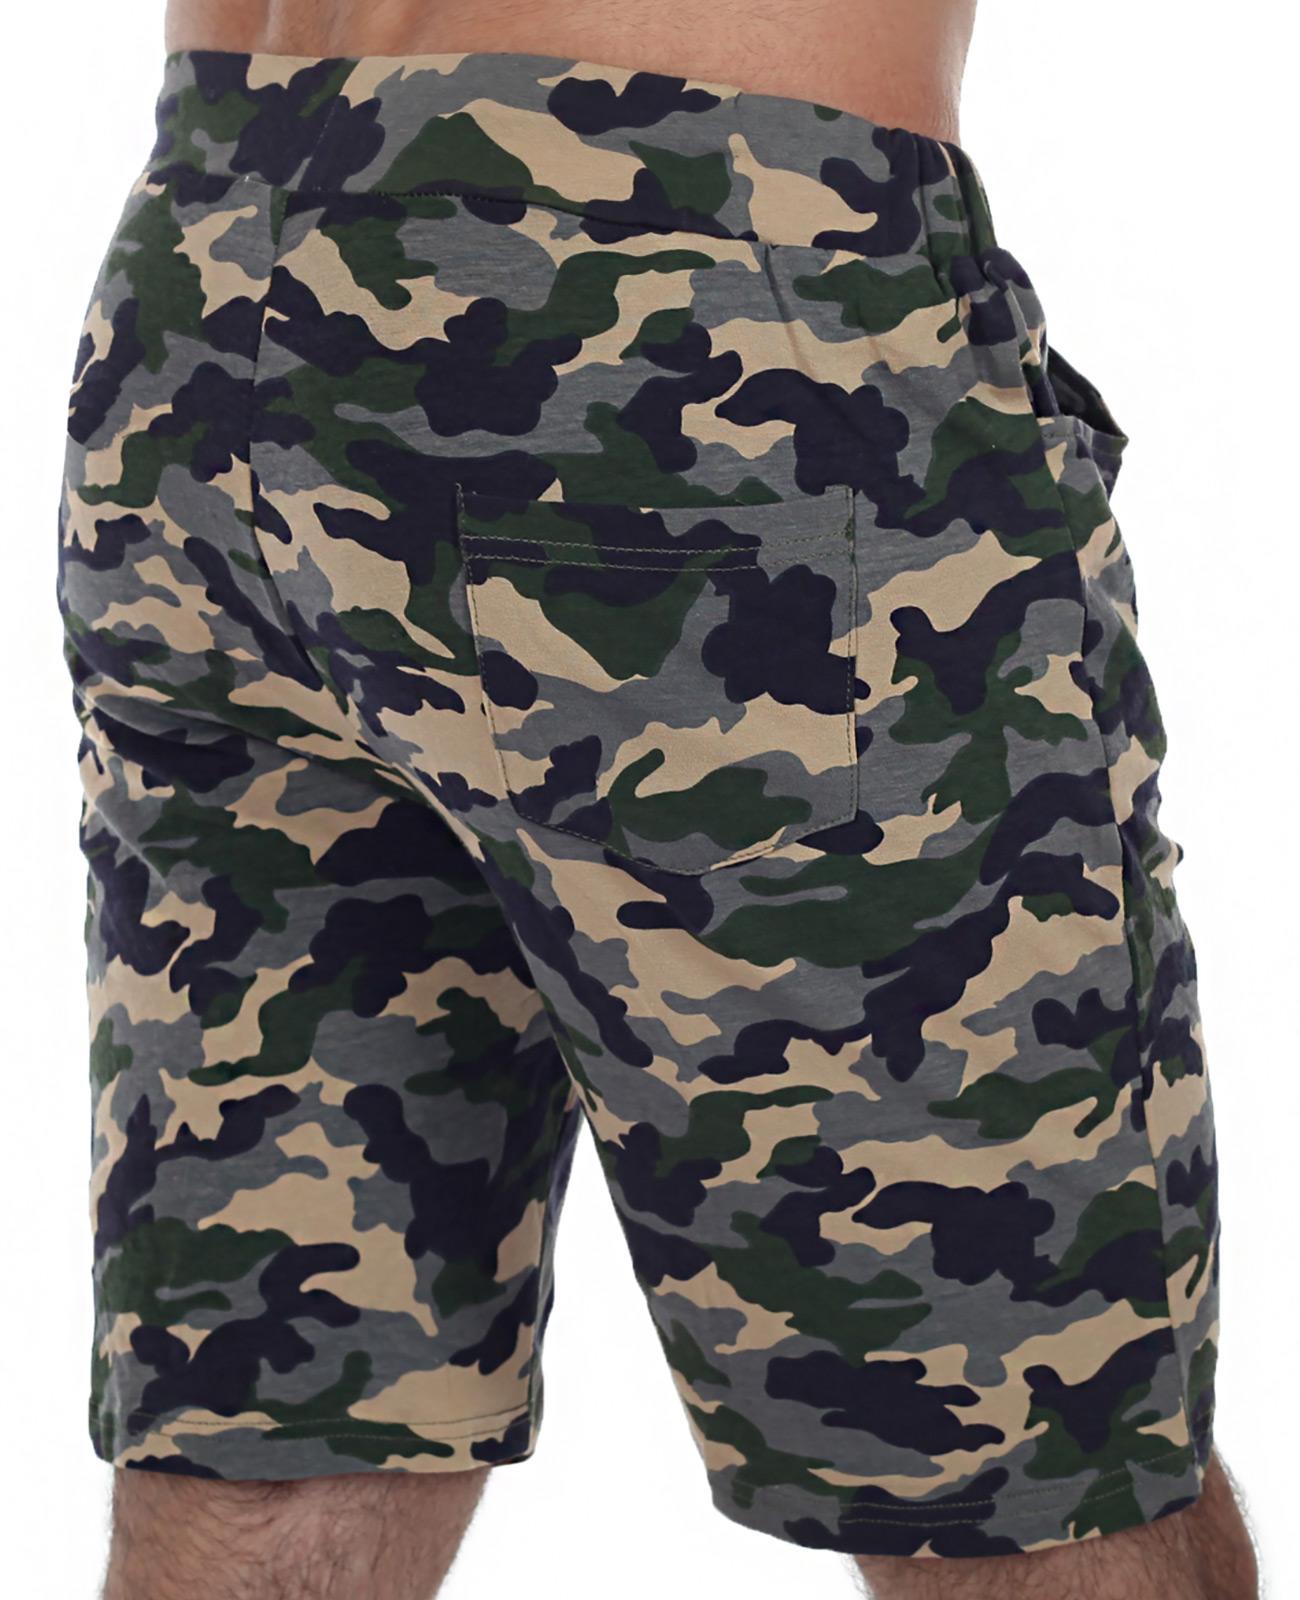 Купить хлопковые шорты с вышивкой Спецназ